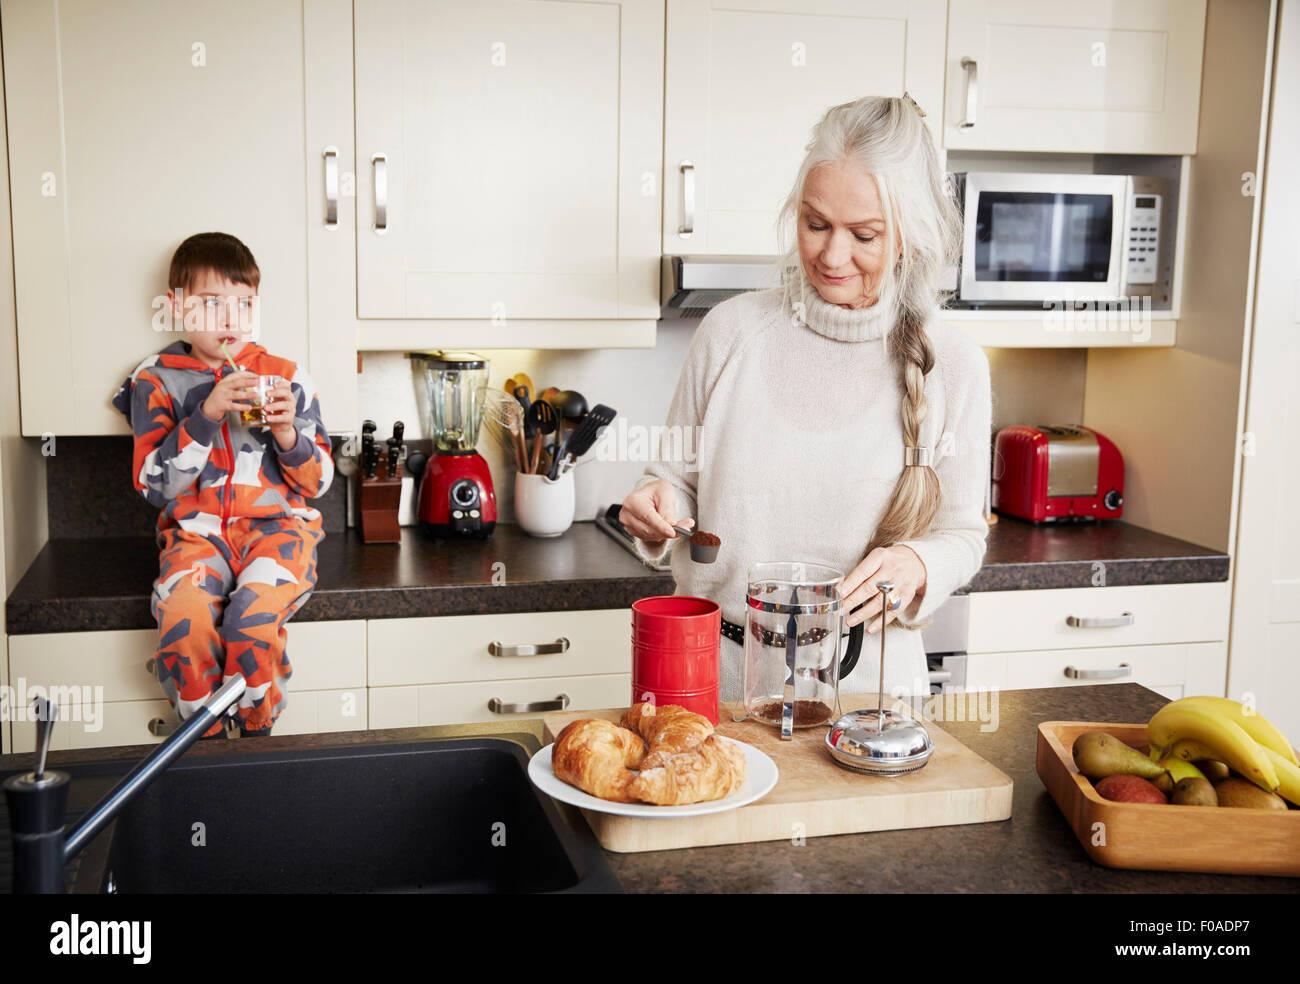 La nonna di bollitore per caffè, nipote seduta sul banco di cucina Immagini Stock